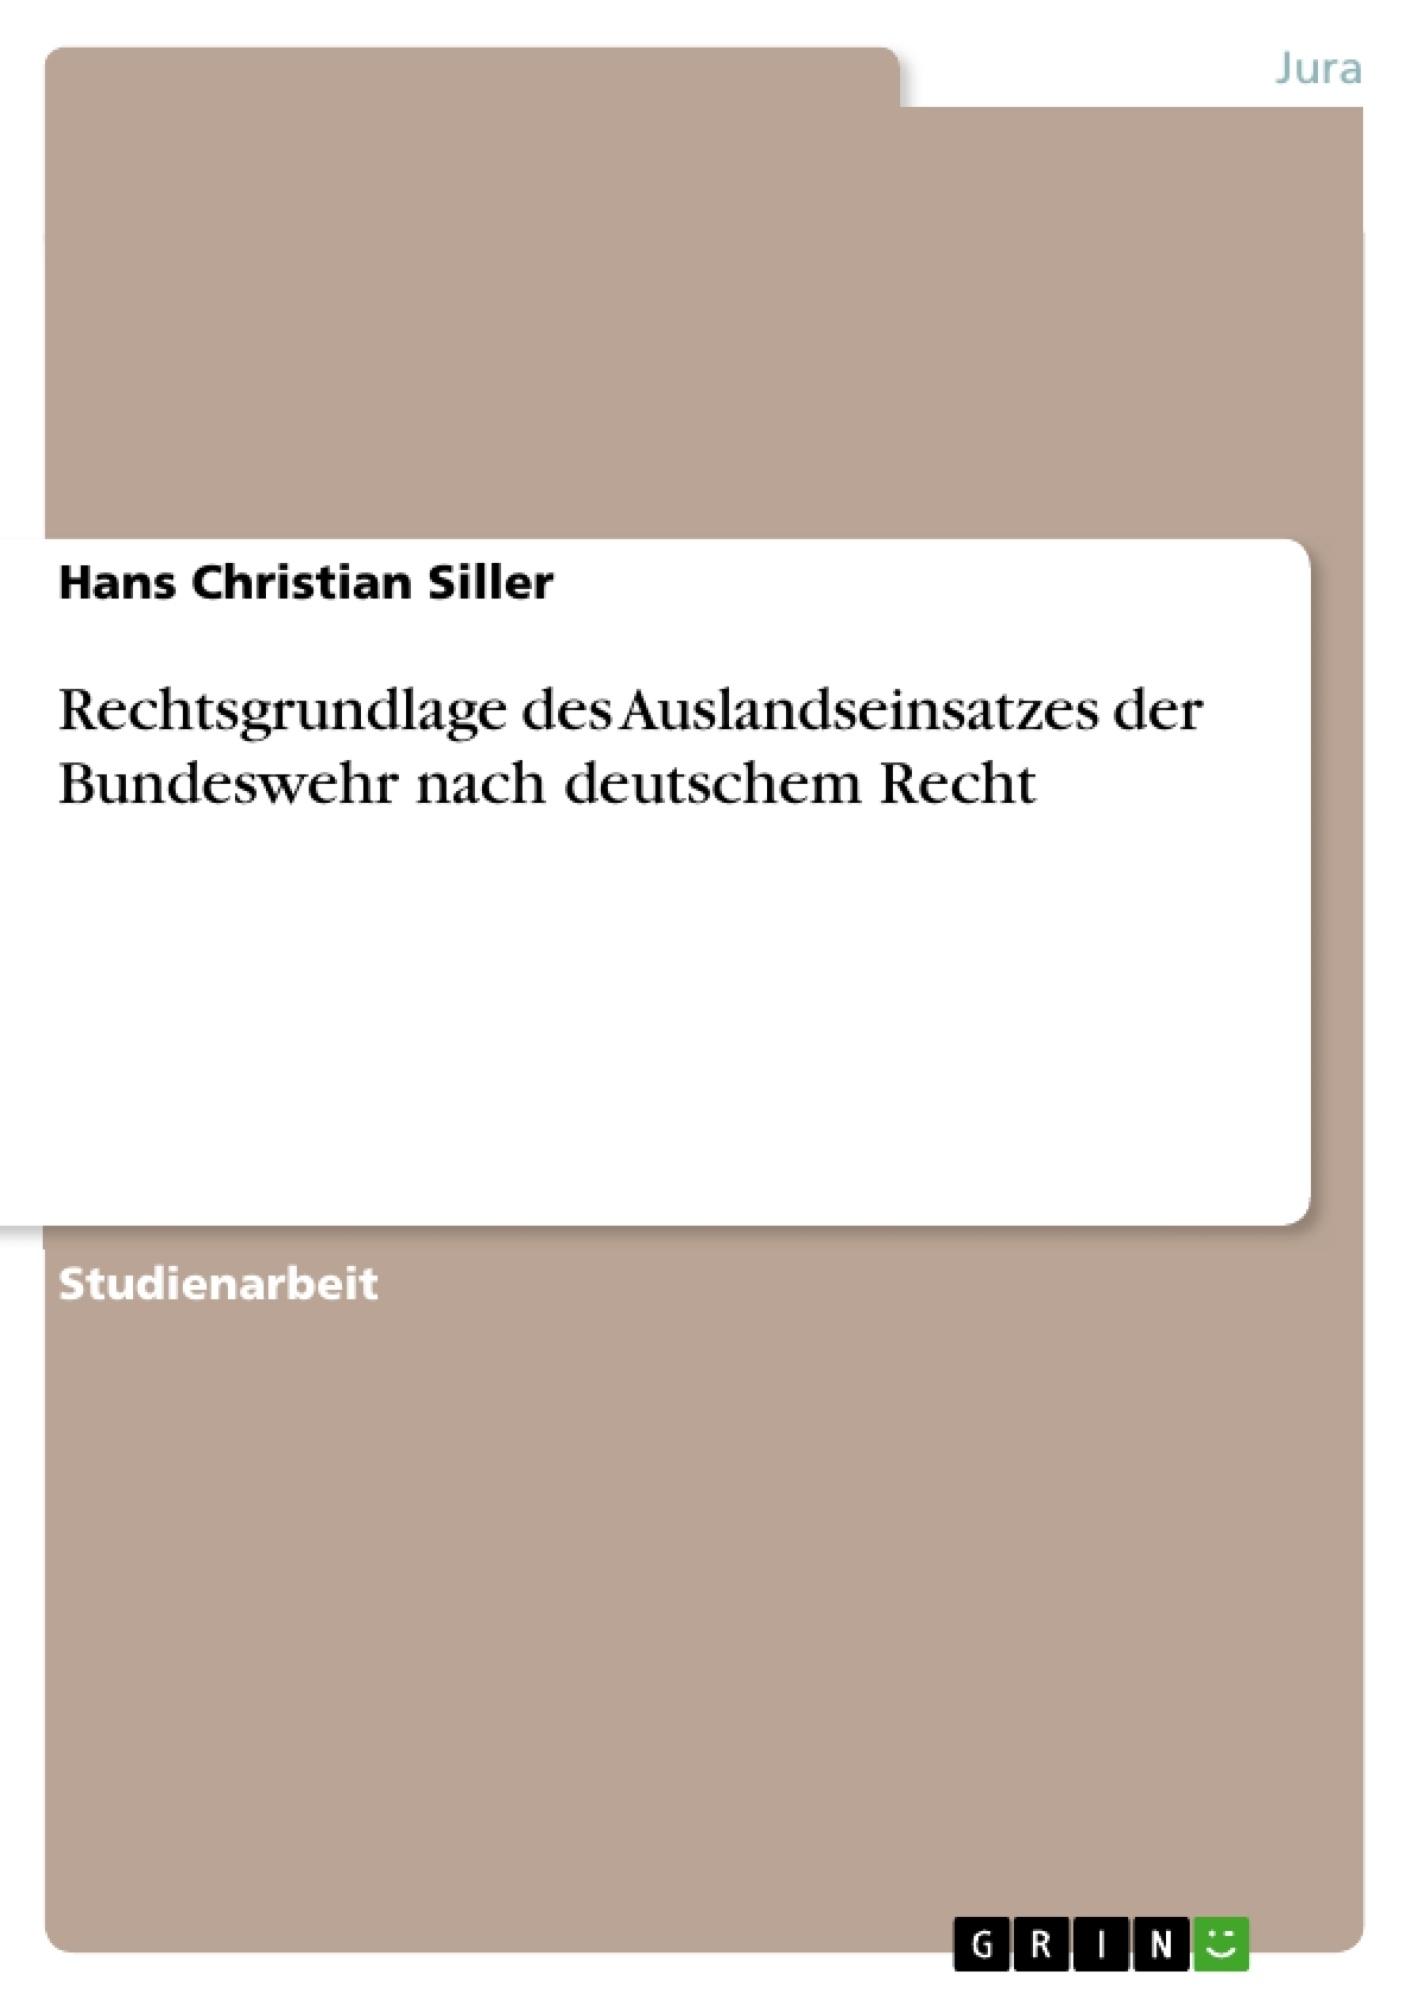 Titel: Rechtsgrundlage des Auslandseinsatzes der Bundeswehr nach deutschem Recht